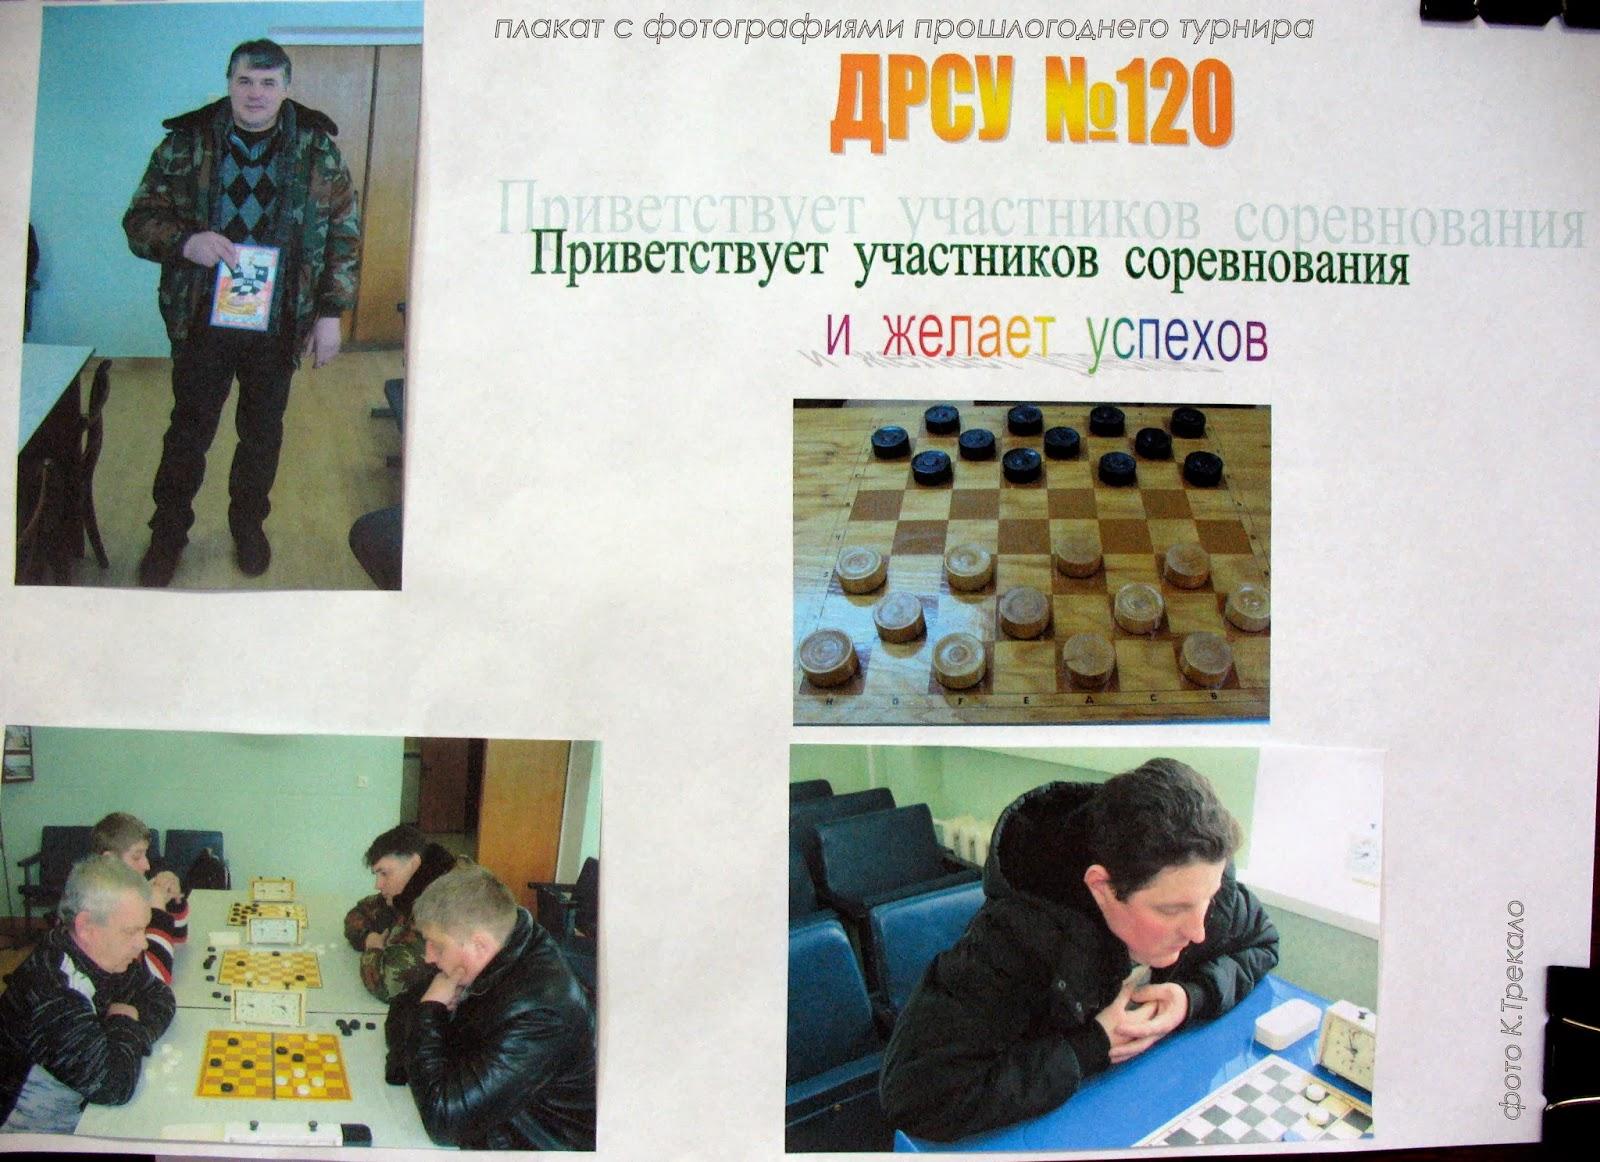 плакат в игровом зале с фото прошлогоднего турнира